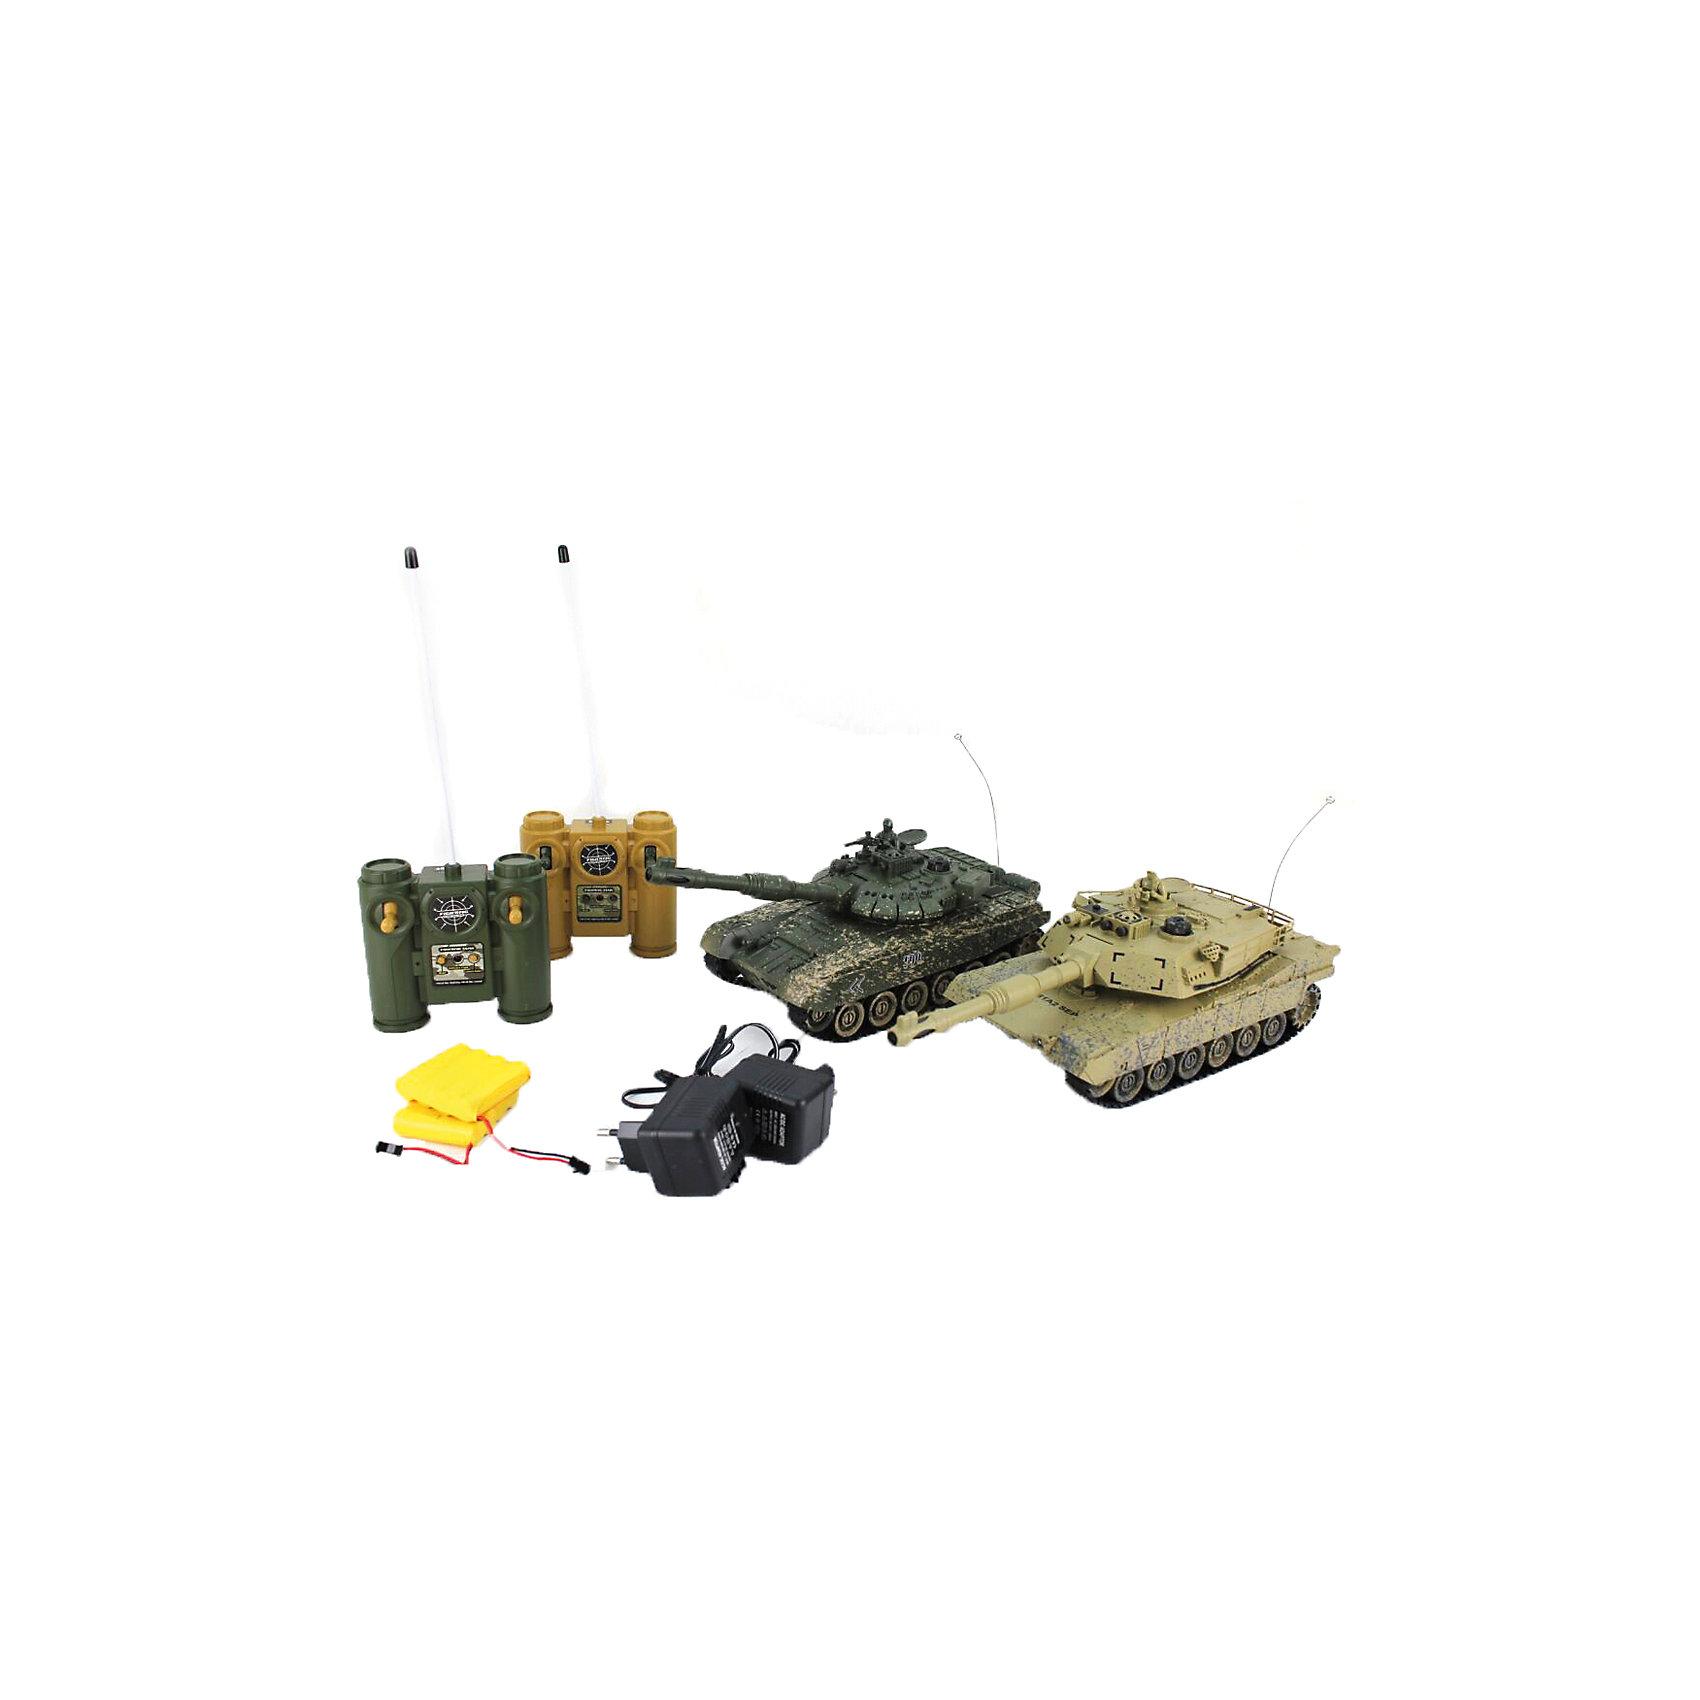 Танковый бой  Т-90 (Россия) - Abrams M1A2 на радиоуправлении, ShantouРадиоуправляемый транспорт<br><br><br>Ширина мм: 415<br>Глубина мм: 135<br>Высота мм: 320<br>Вес г: 2000<br>Возраст от месяцев: 60<br>Возраст до месяцев: 2147483647<br>Пол: Мужской<br>Возраст: Детский<br>SKU: 6844294